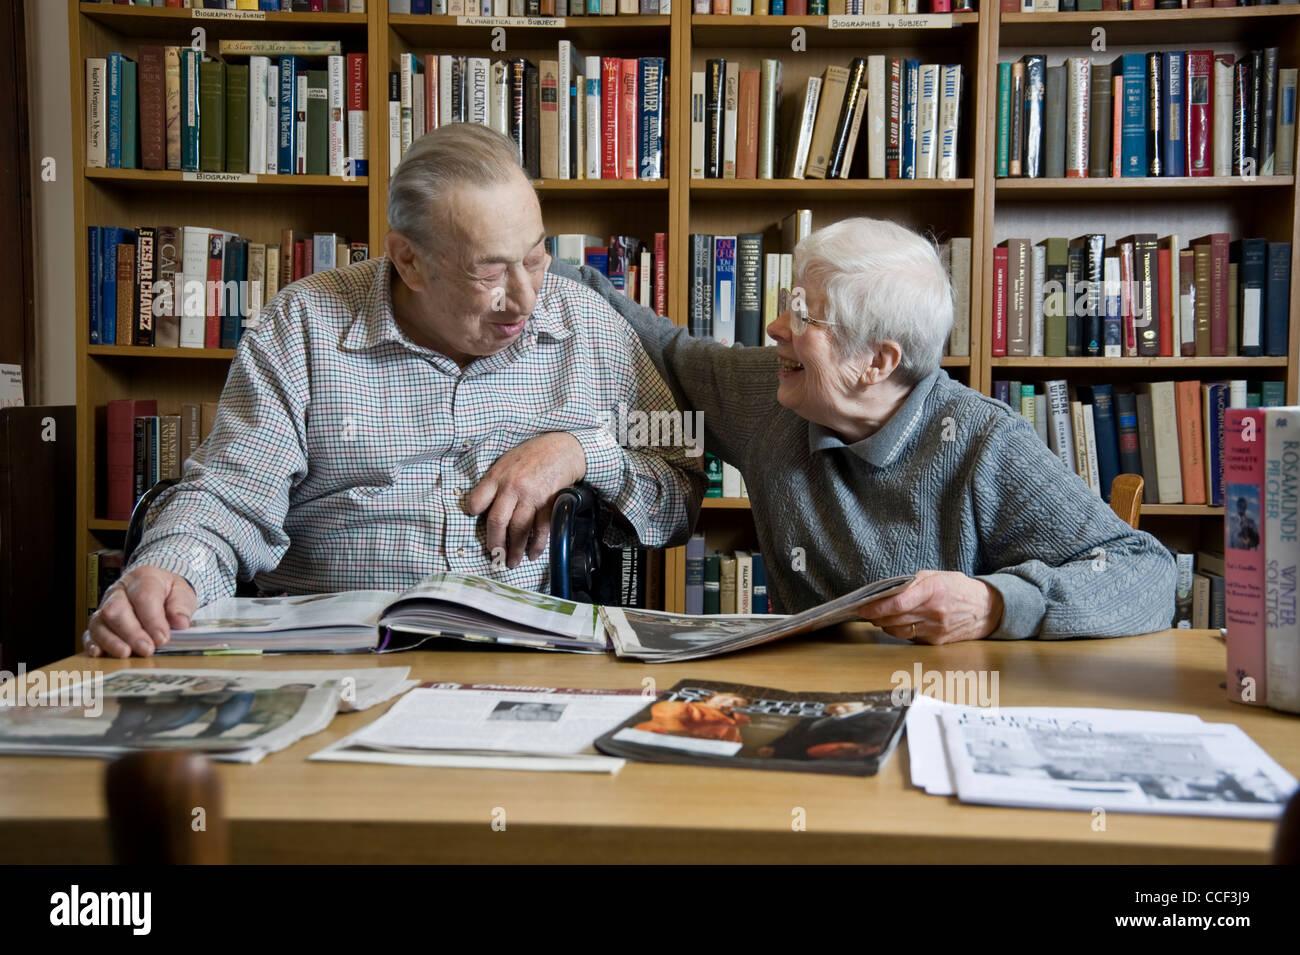 Elderly Couple Enjoying Each Others Company - Stock Image